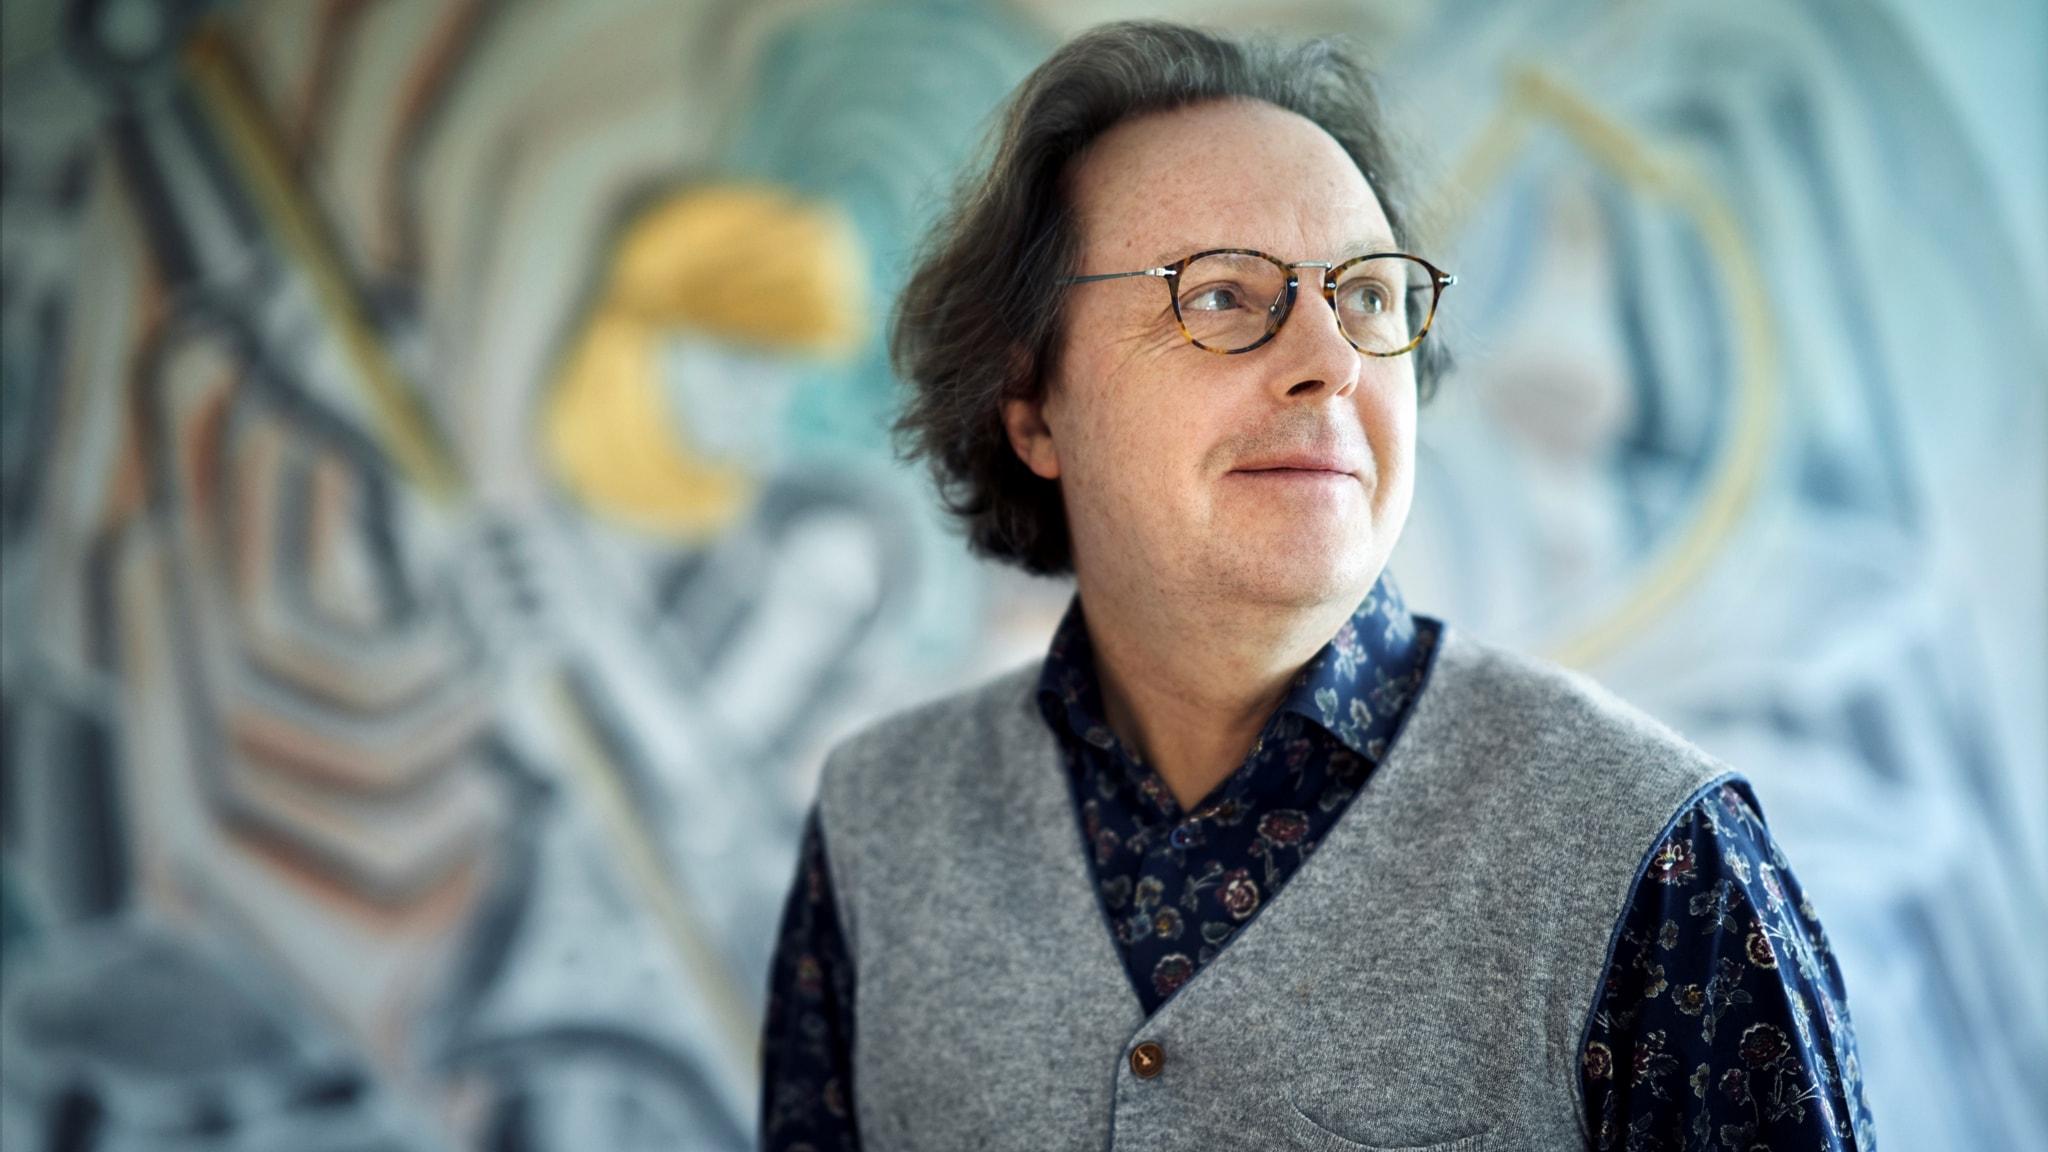 KONSERT: Tonsättarweekend med Tommie Haglund